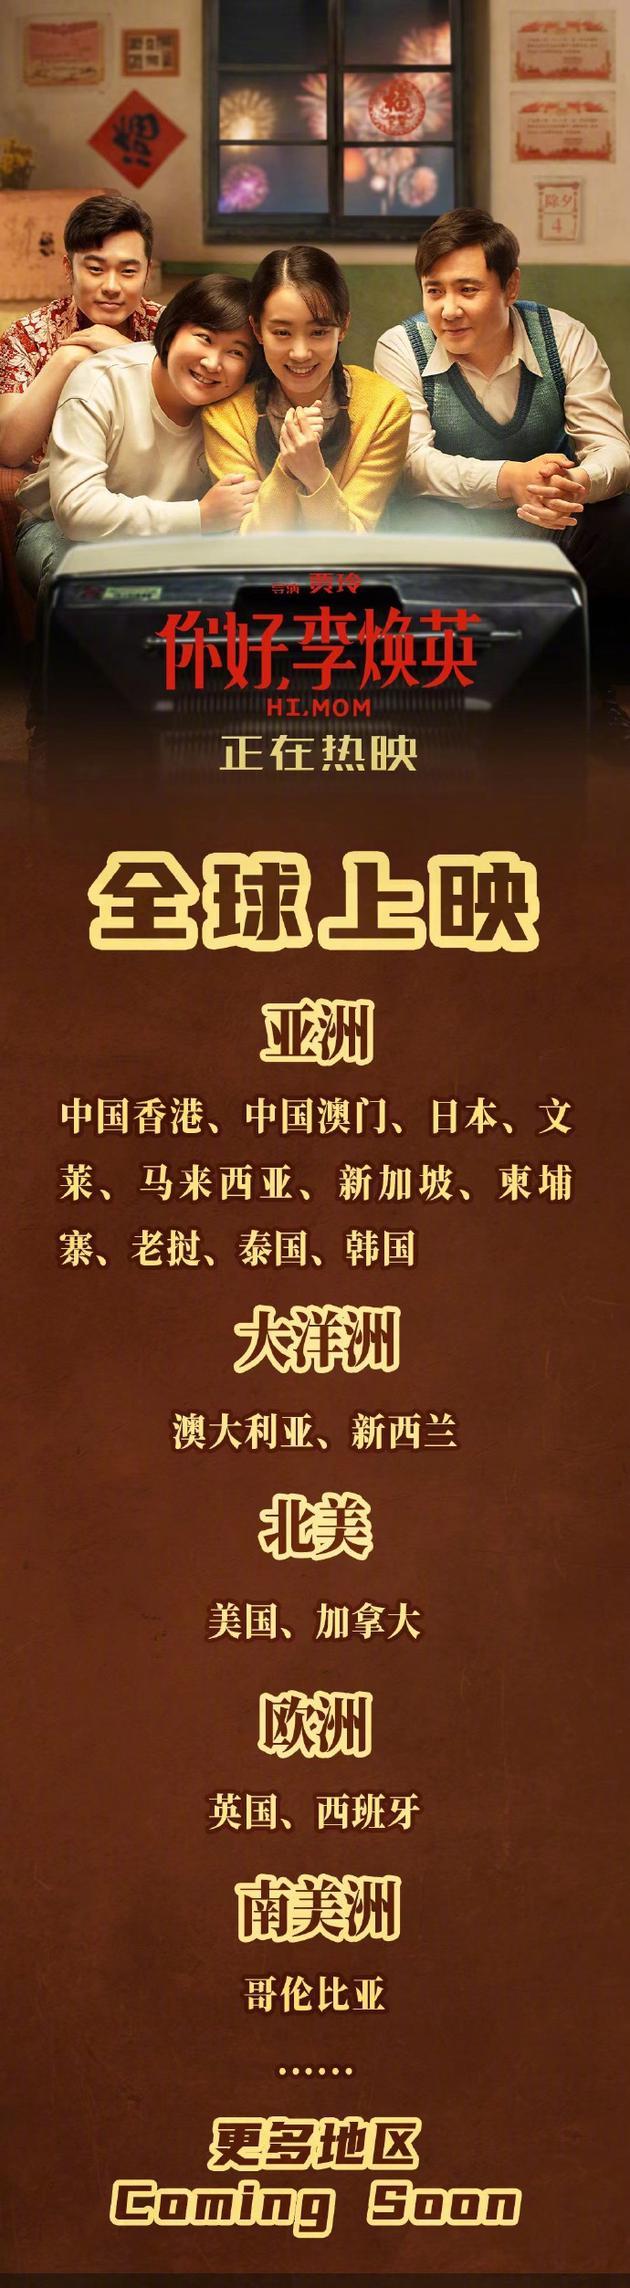 《你好,李焕英》片方宣布即将在全球上映